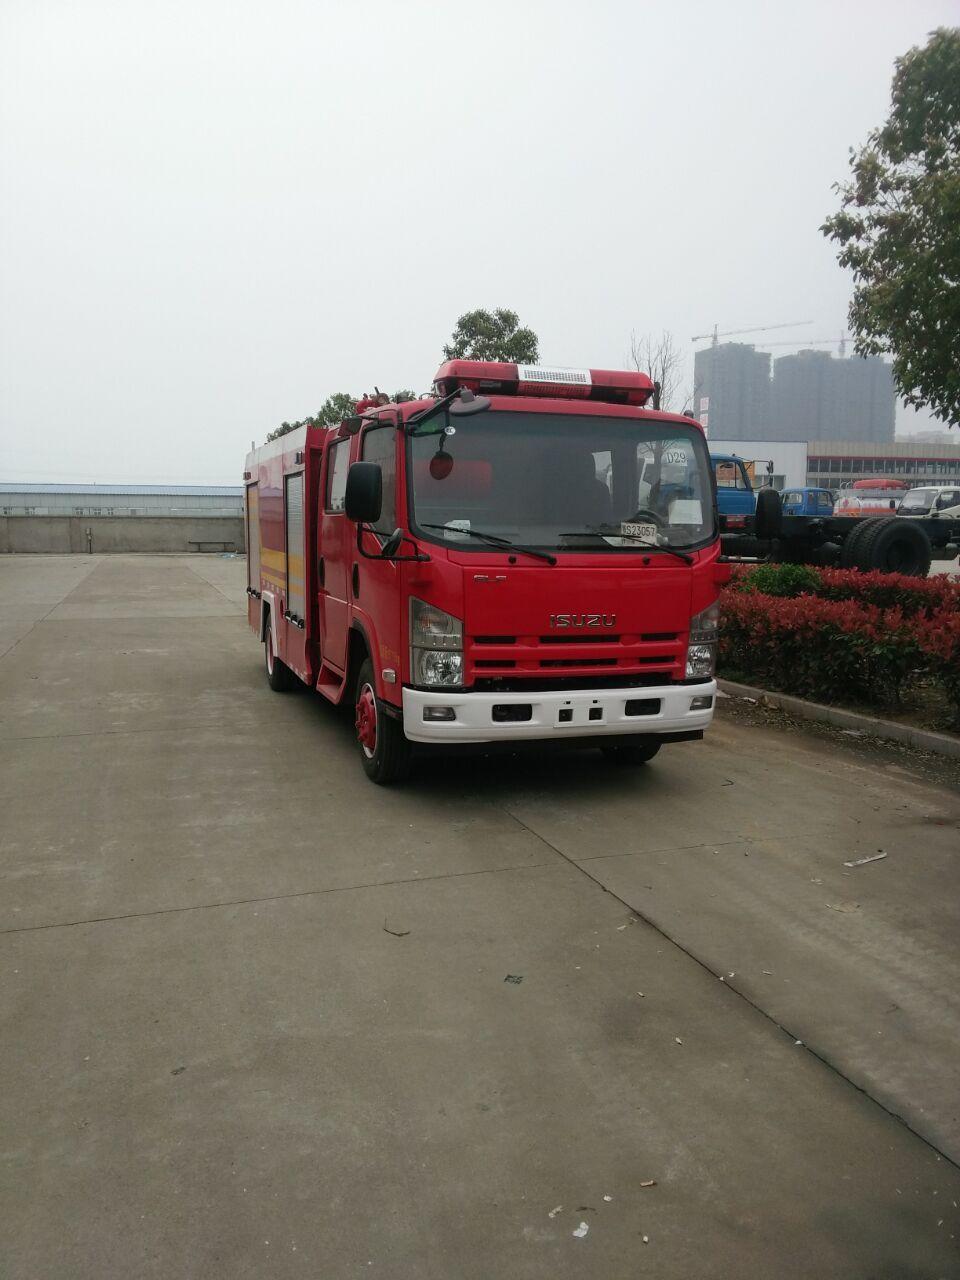 五十铃700P水罐消防车 国四 (3-4吨)